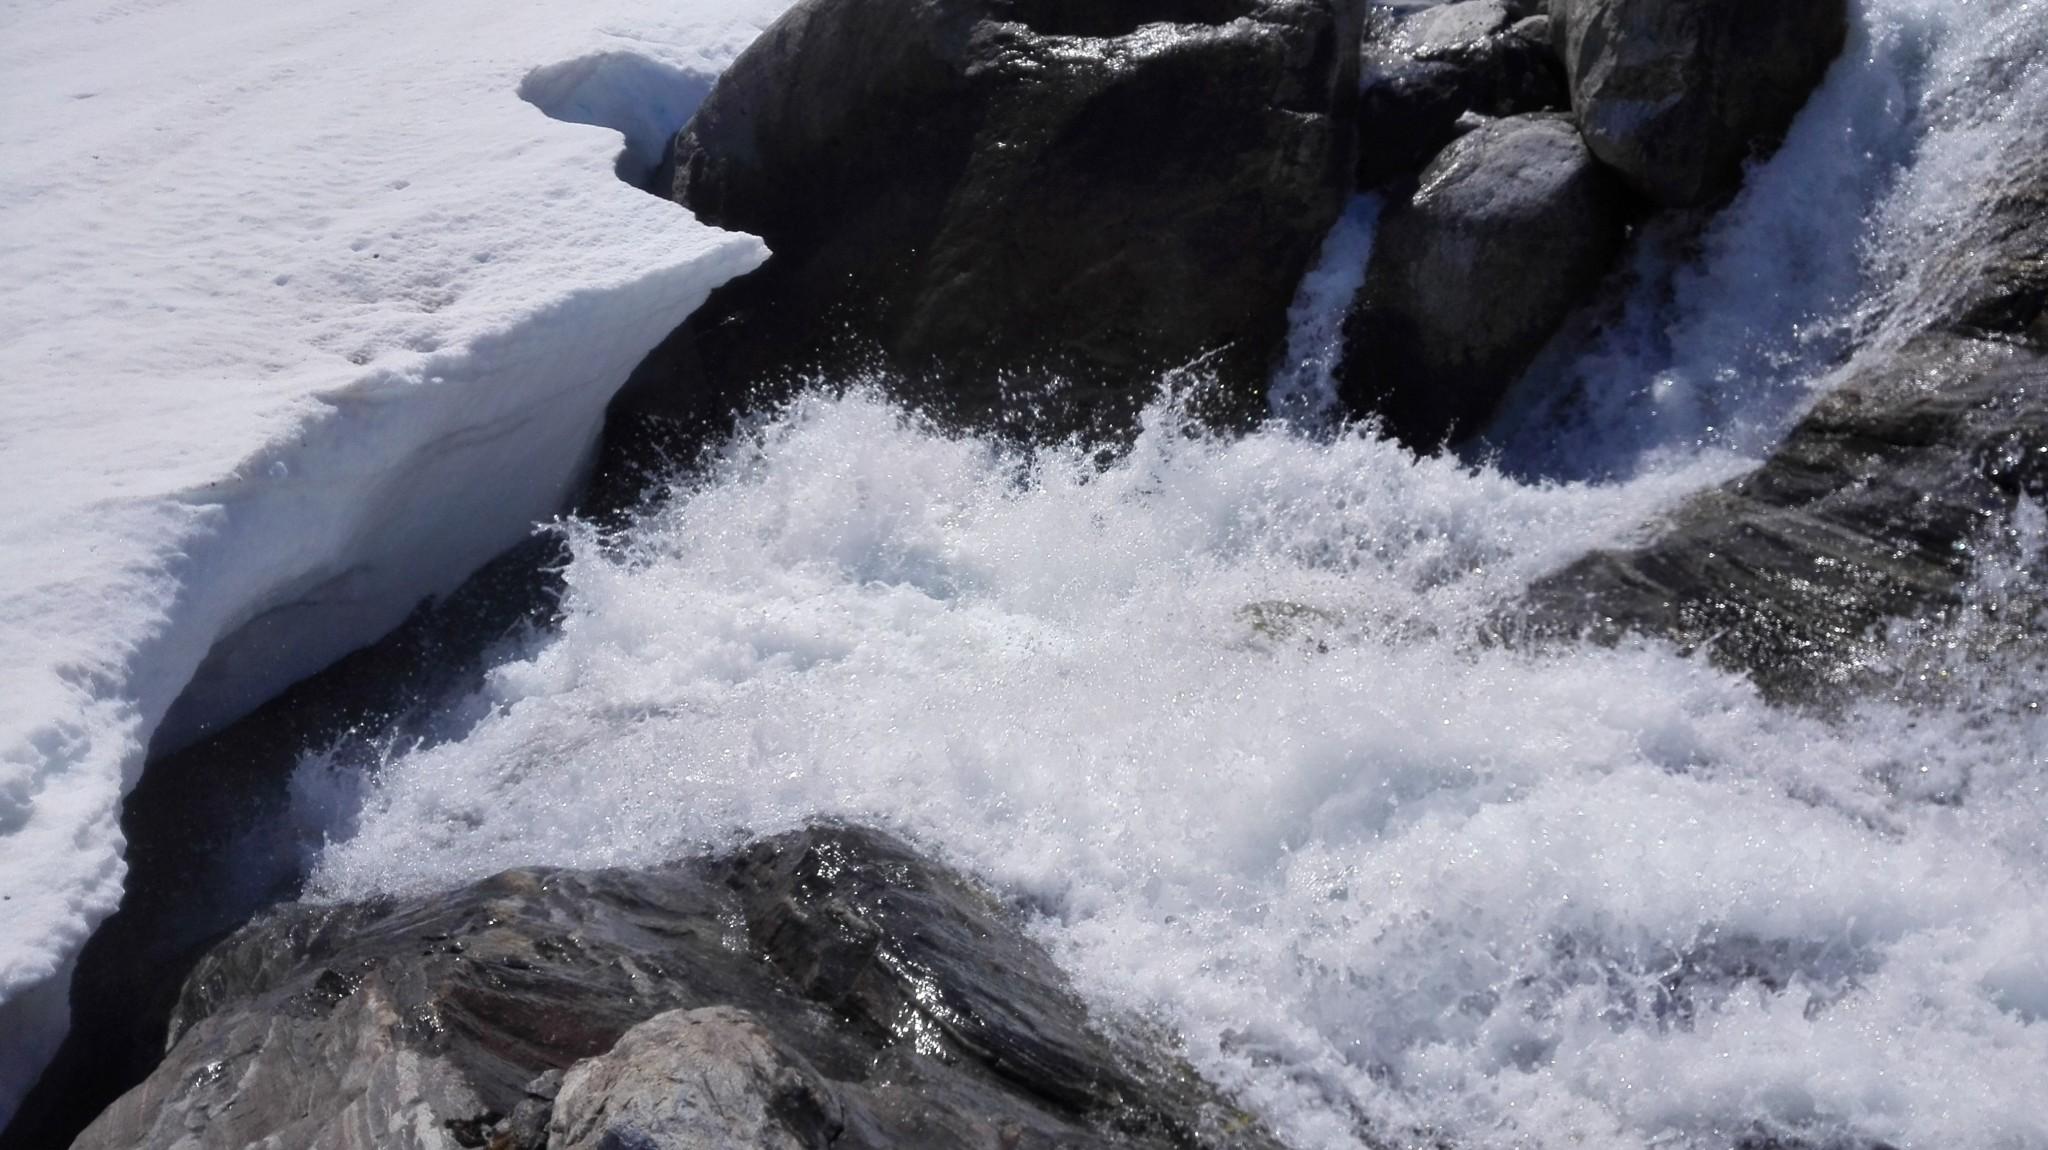 Lumen ja jään alla saattaa piileä esimerkiksi railo tai kova virtaus